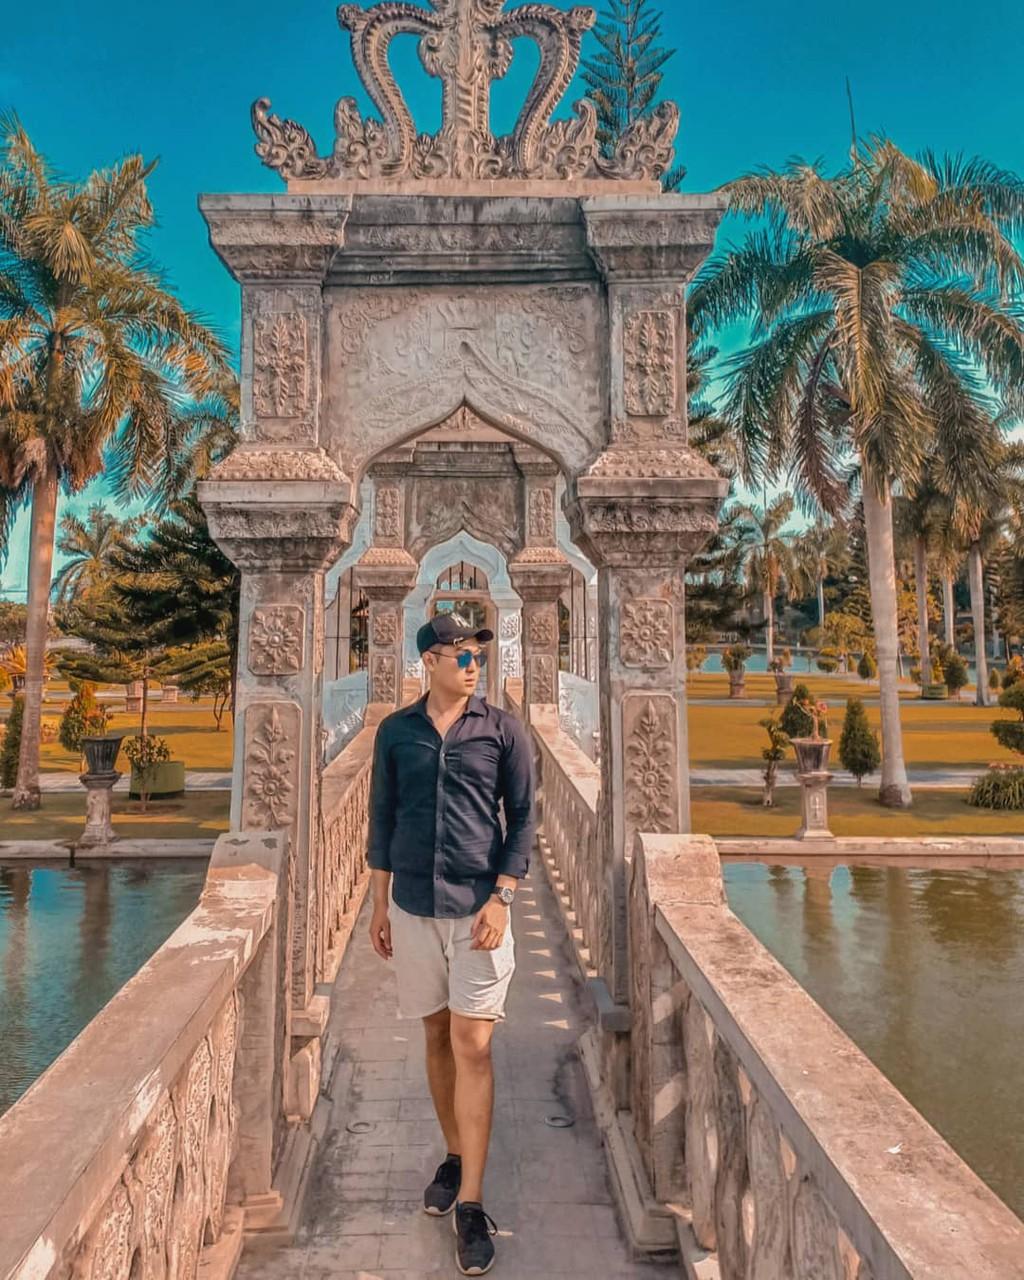 Cung dien tai Bali thu hut cac tin do du lich hinh anh 4